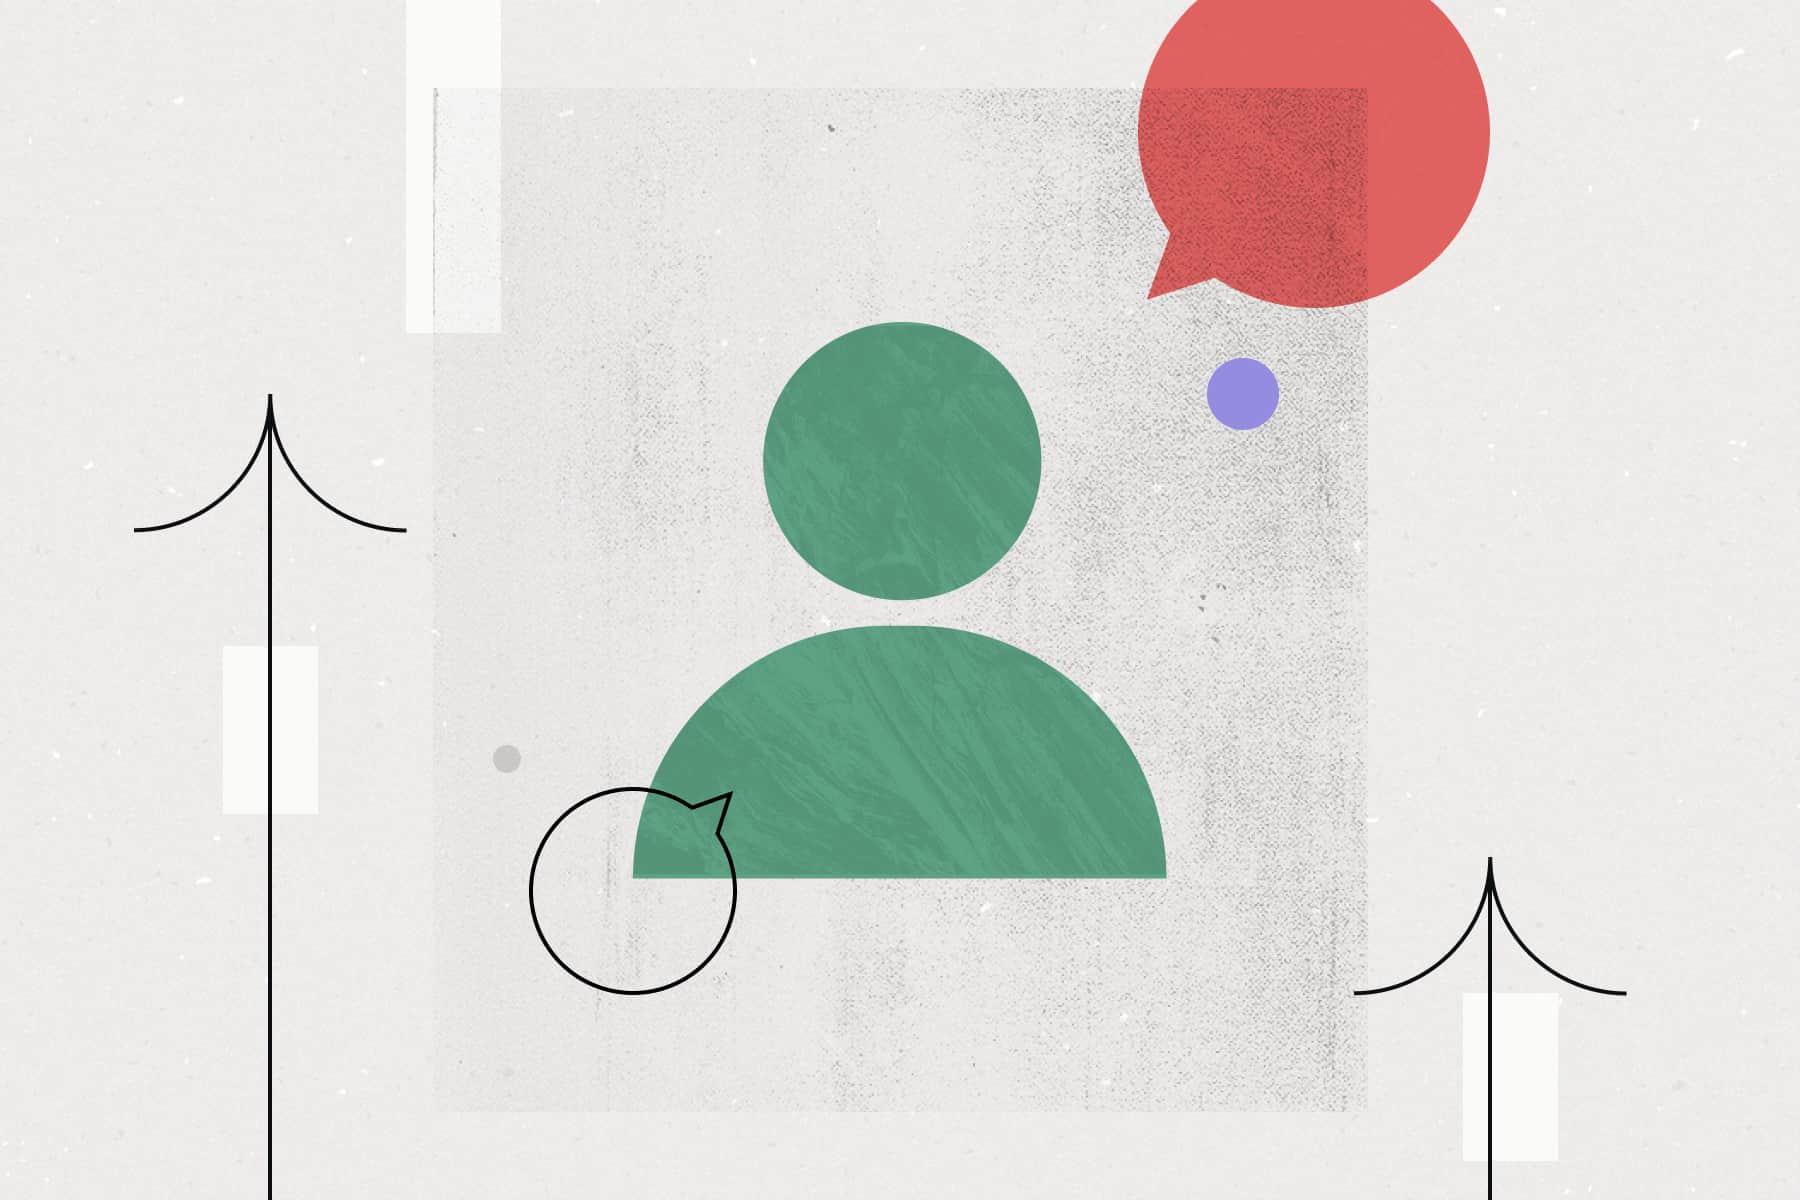 Imagen del banner del artículo sobre la cultura corporativa